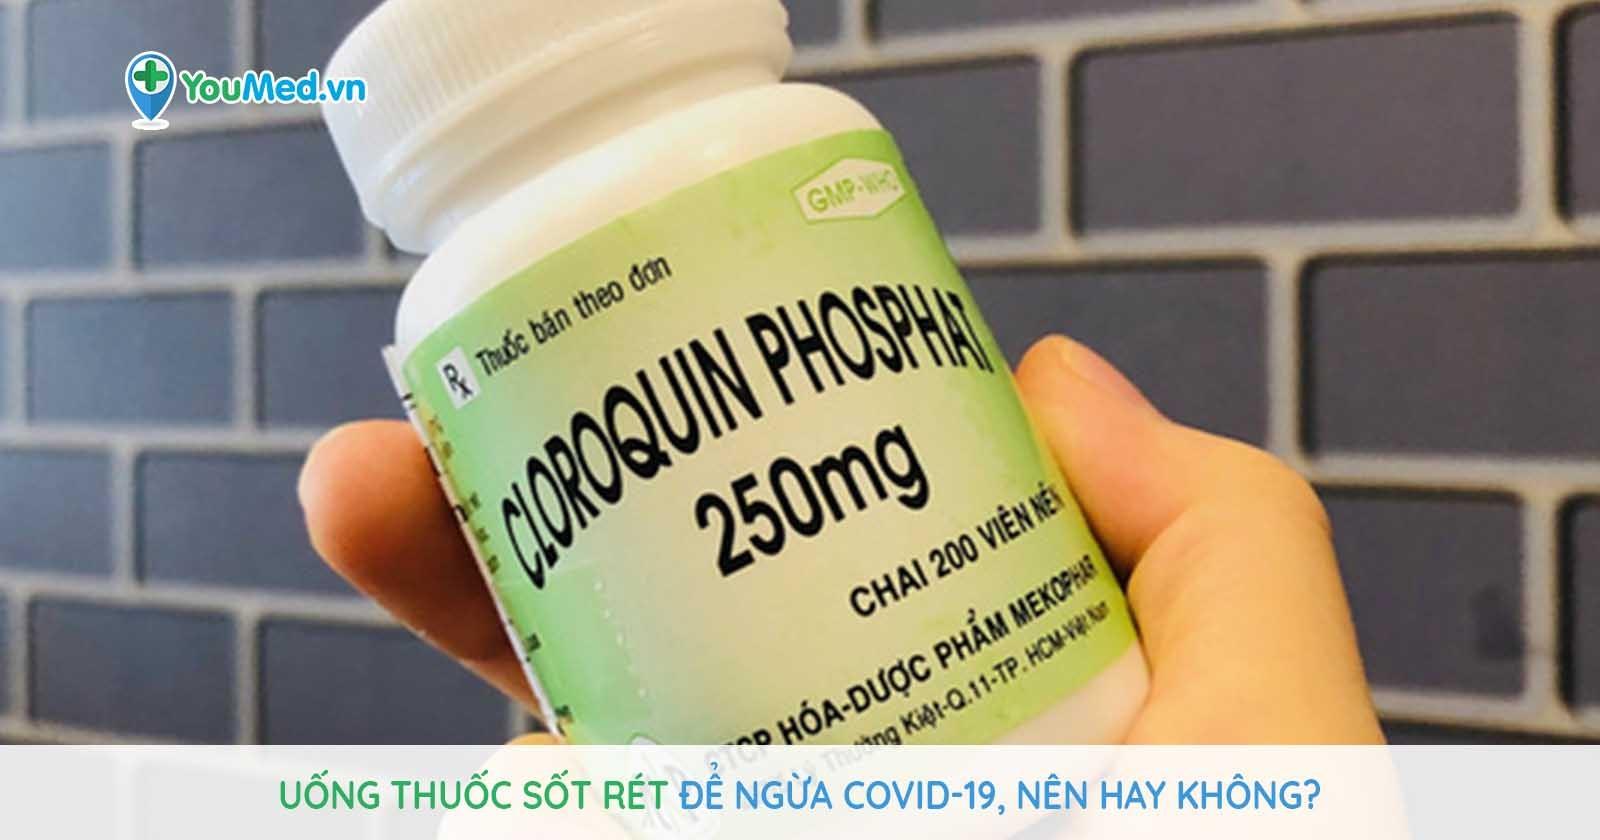 Uống thuốc sốt rét để ngừa Covid-19, nên hay không?